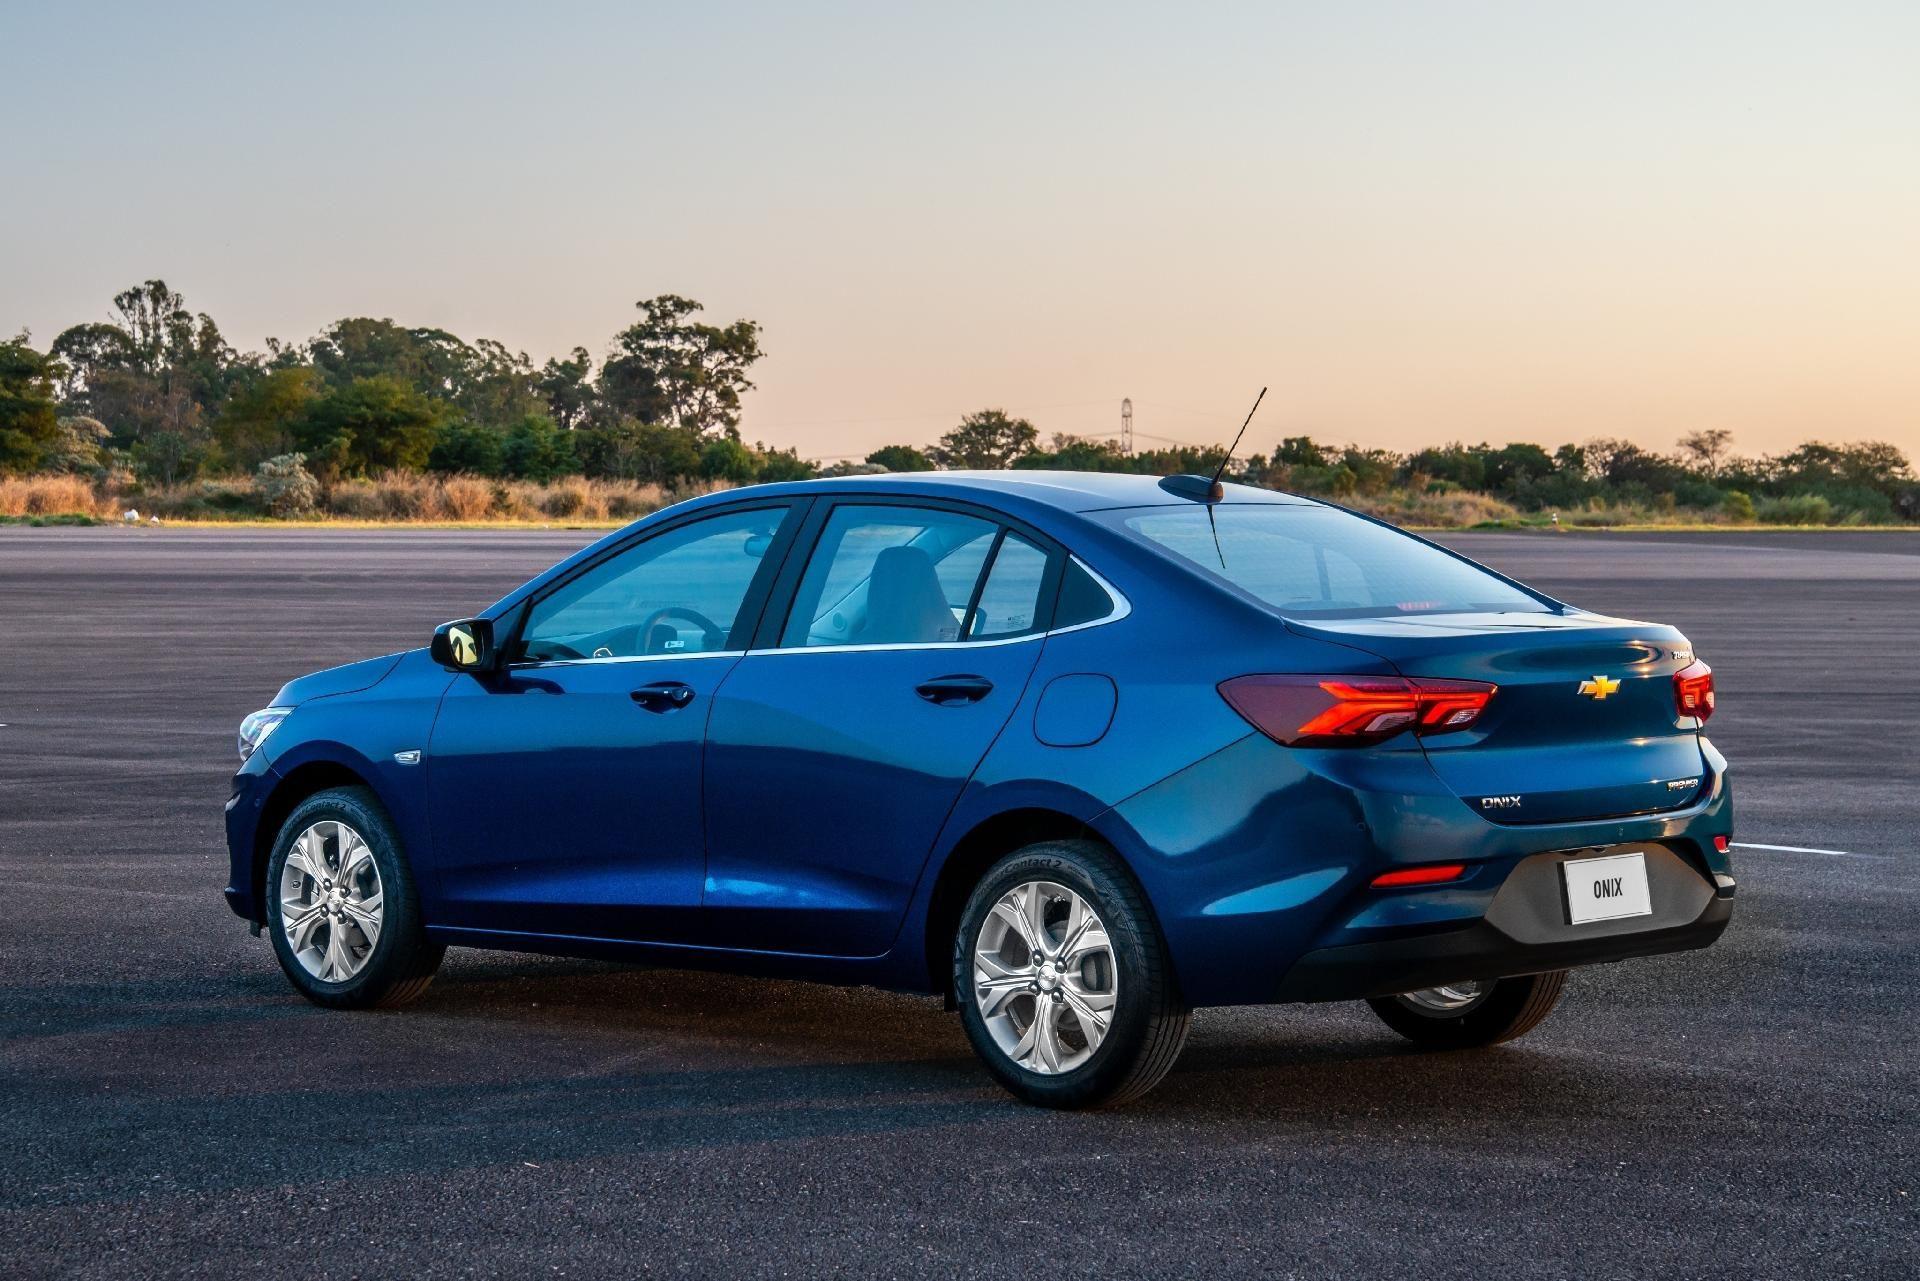 Novo Chevrolet Onix Veja Como E A 2ª Geracao Carros Chevrolet Prismas Y Autos